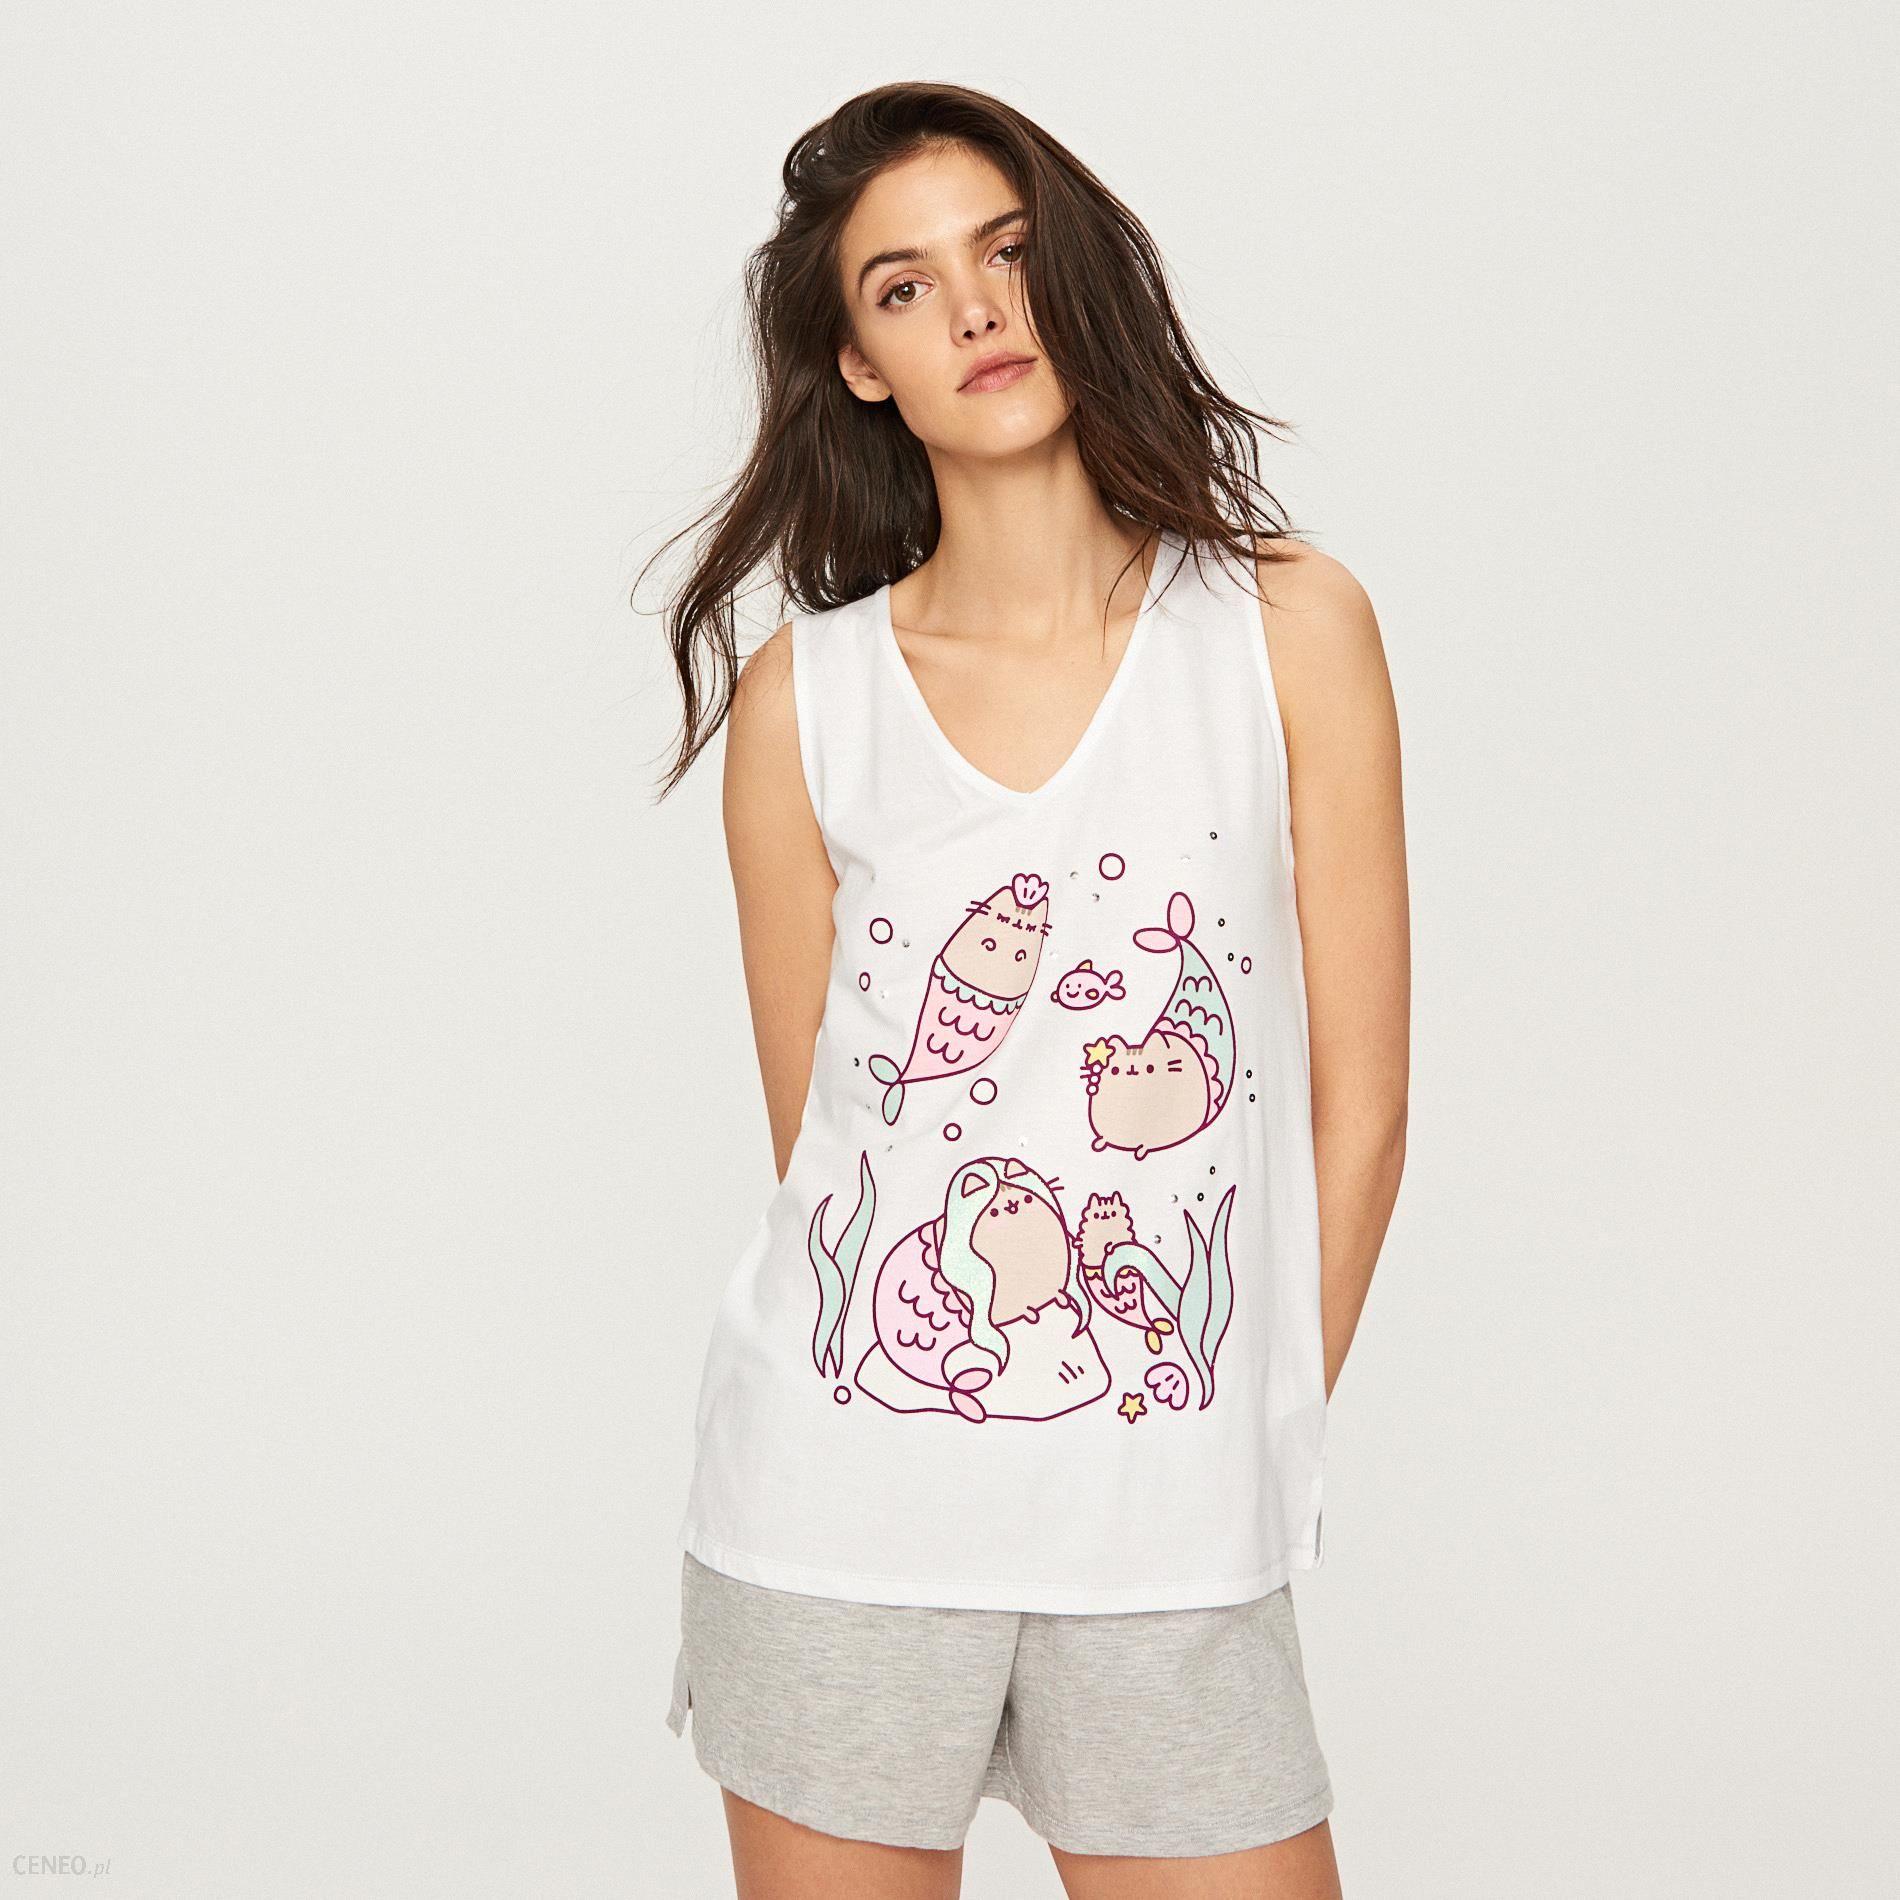 e8e82f3b227745 Reserved - Dwuczęściowa piżama pusheen - Biały - Ceny i opinie ...